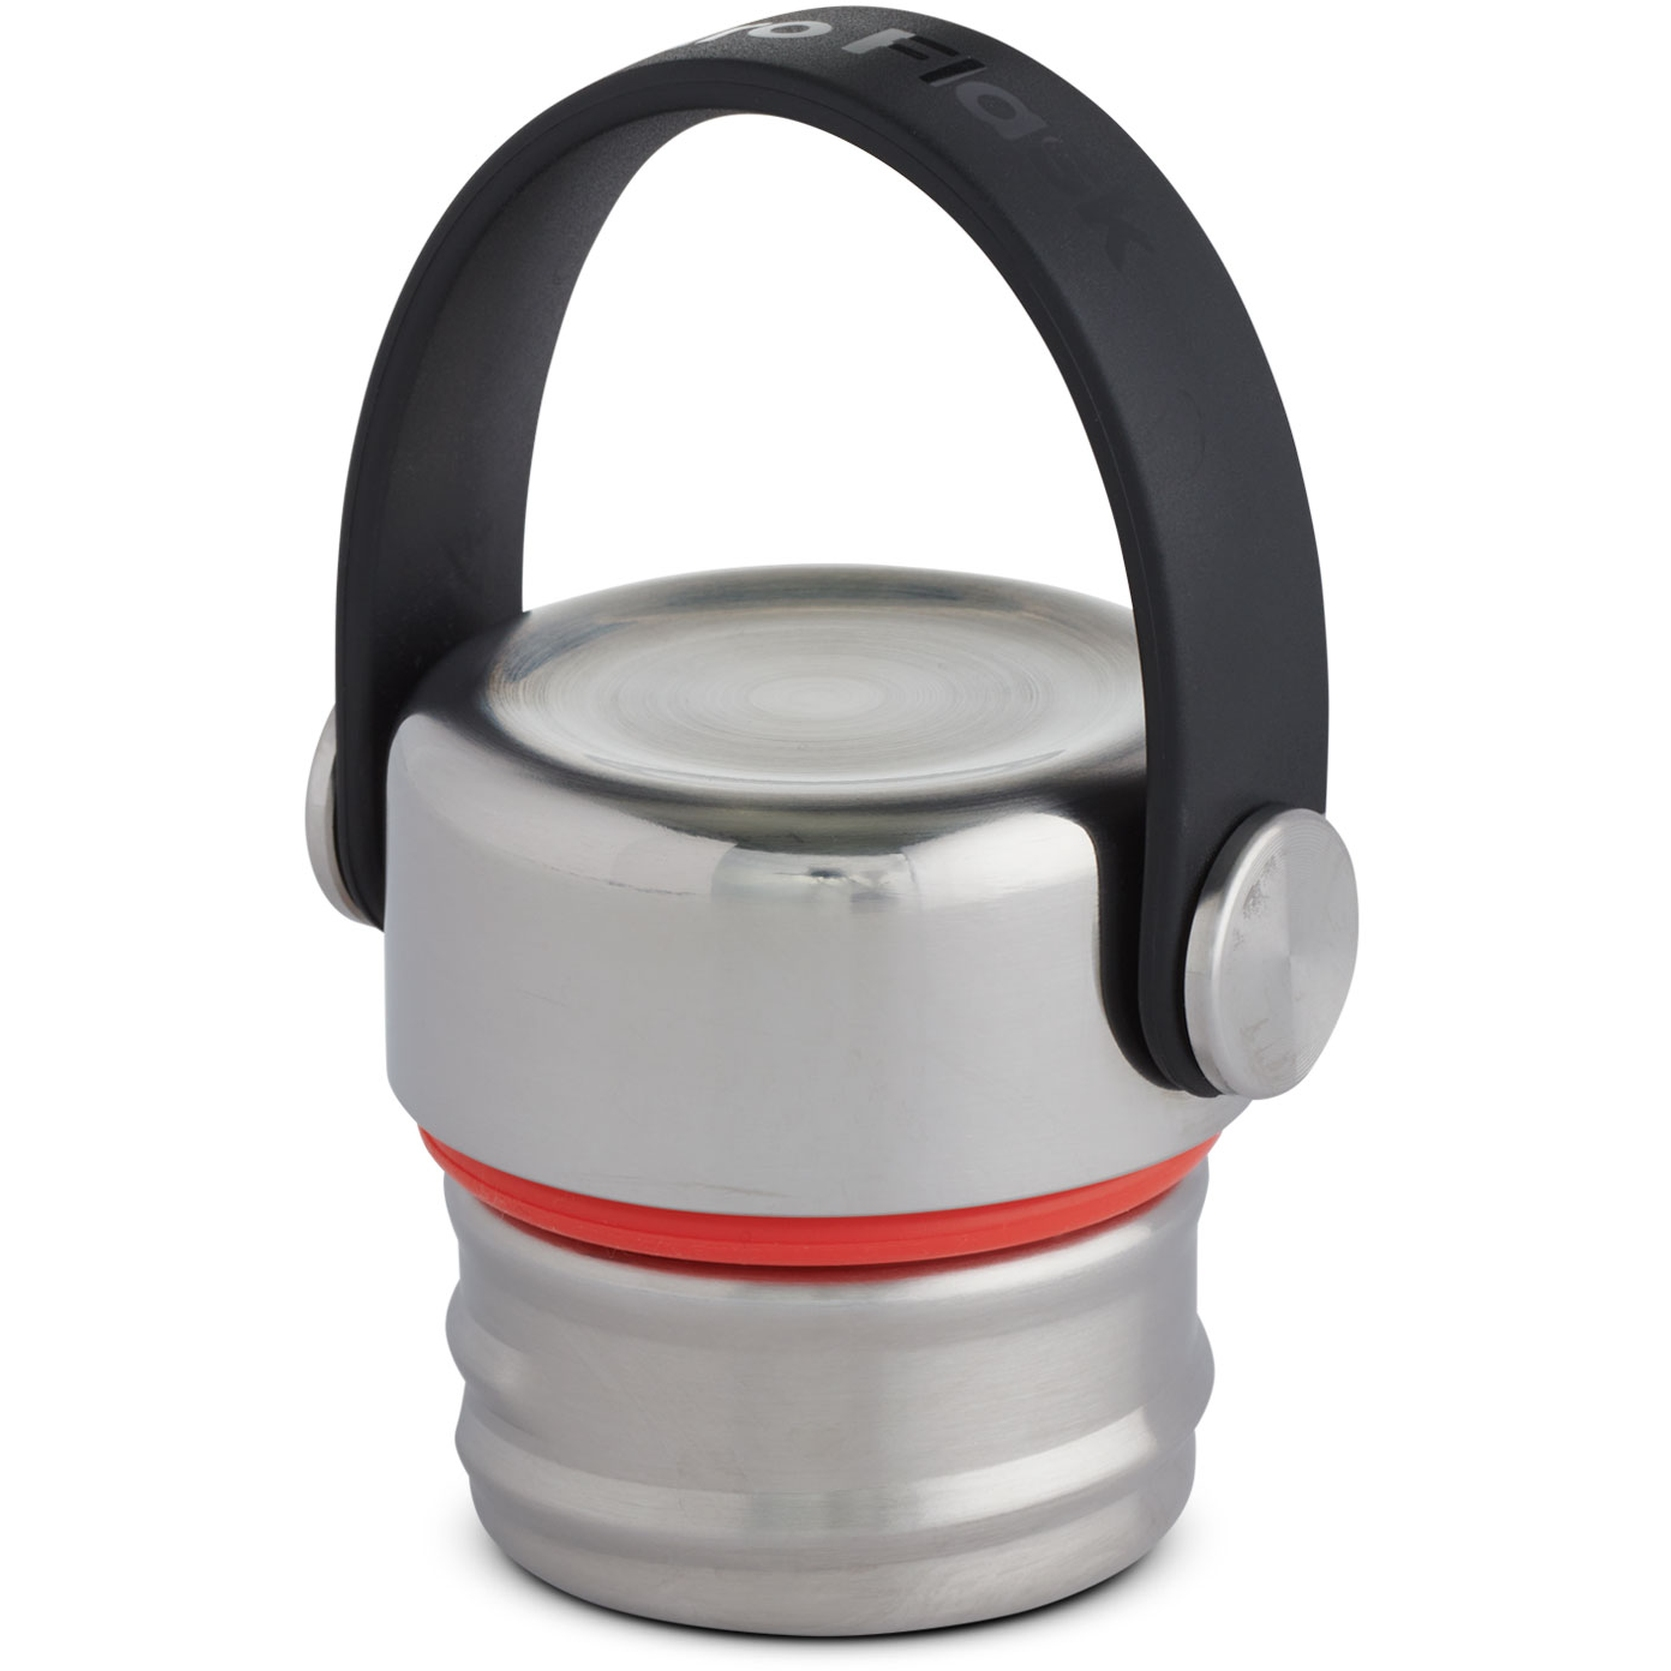 Hydro Flask Standard Mouth Flex Cap Verschluss - Stainless Steel